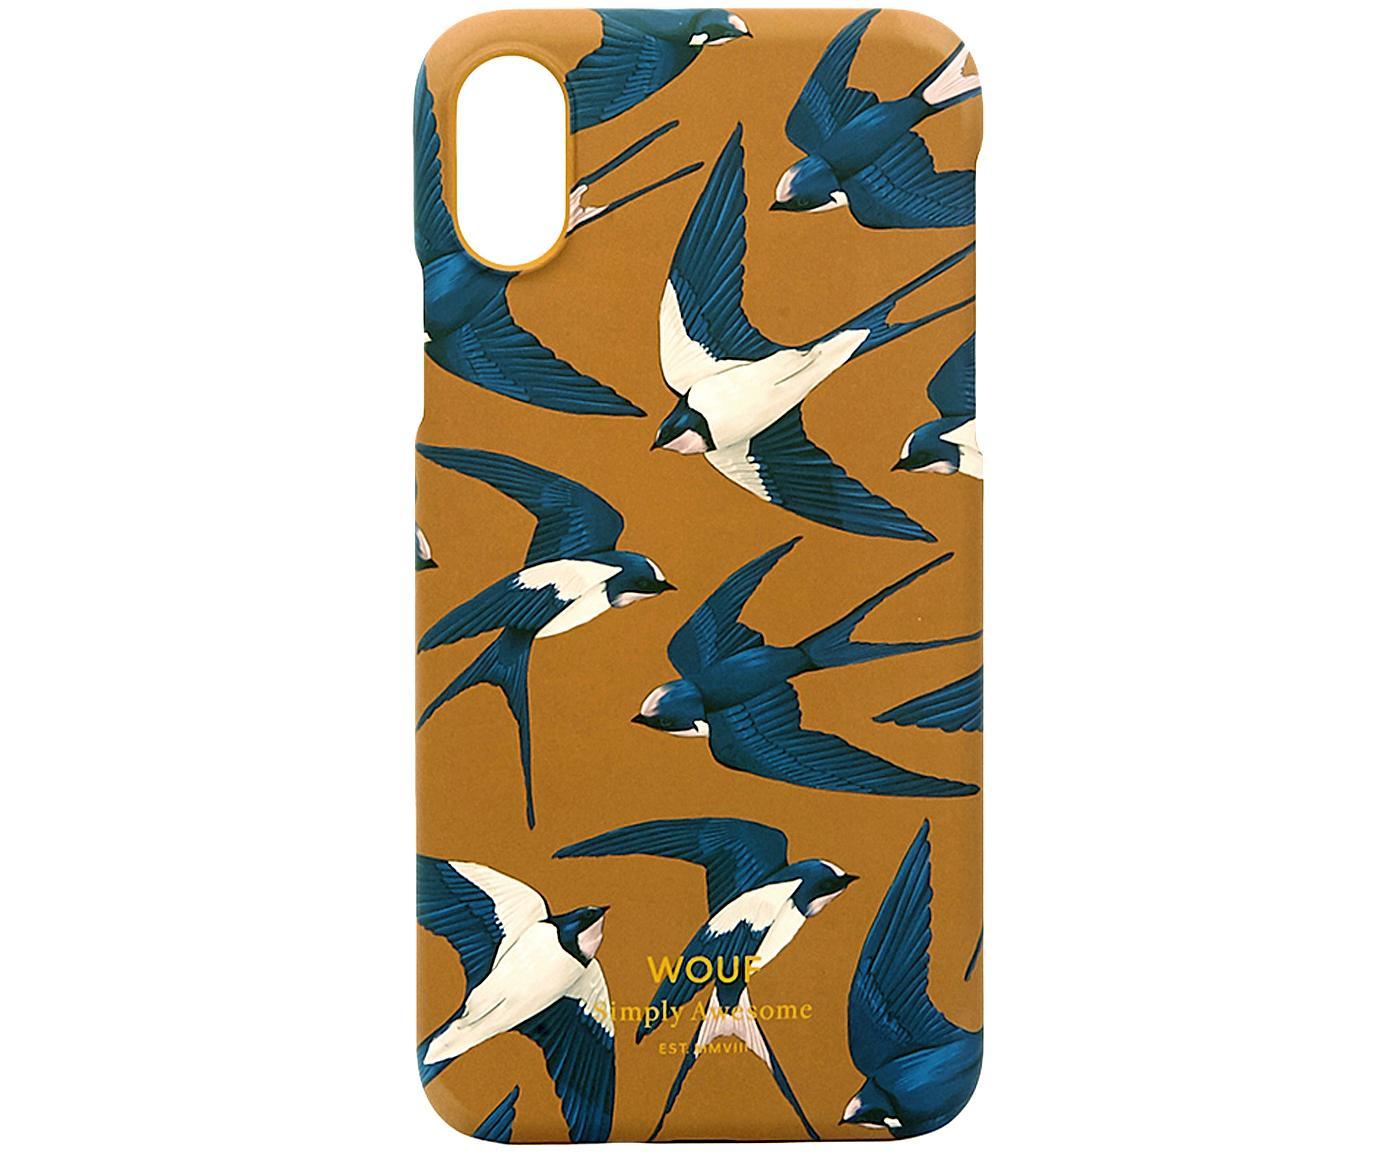 Telefoonhoesje Swallow voor iPhone X, Siliconen, Geel, blauw, beige, 7 x 15 cm